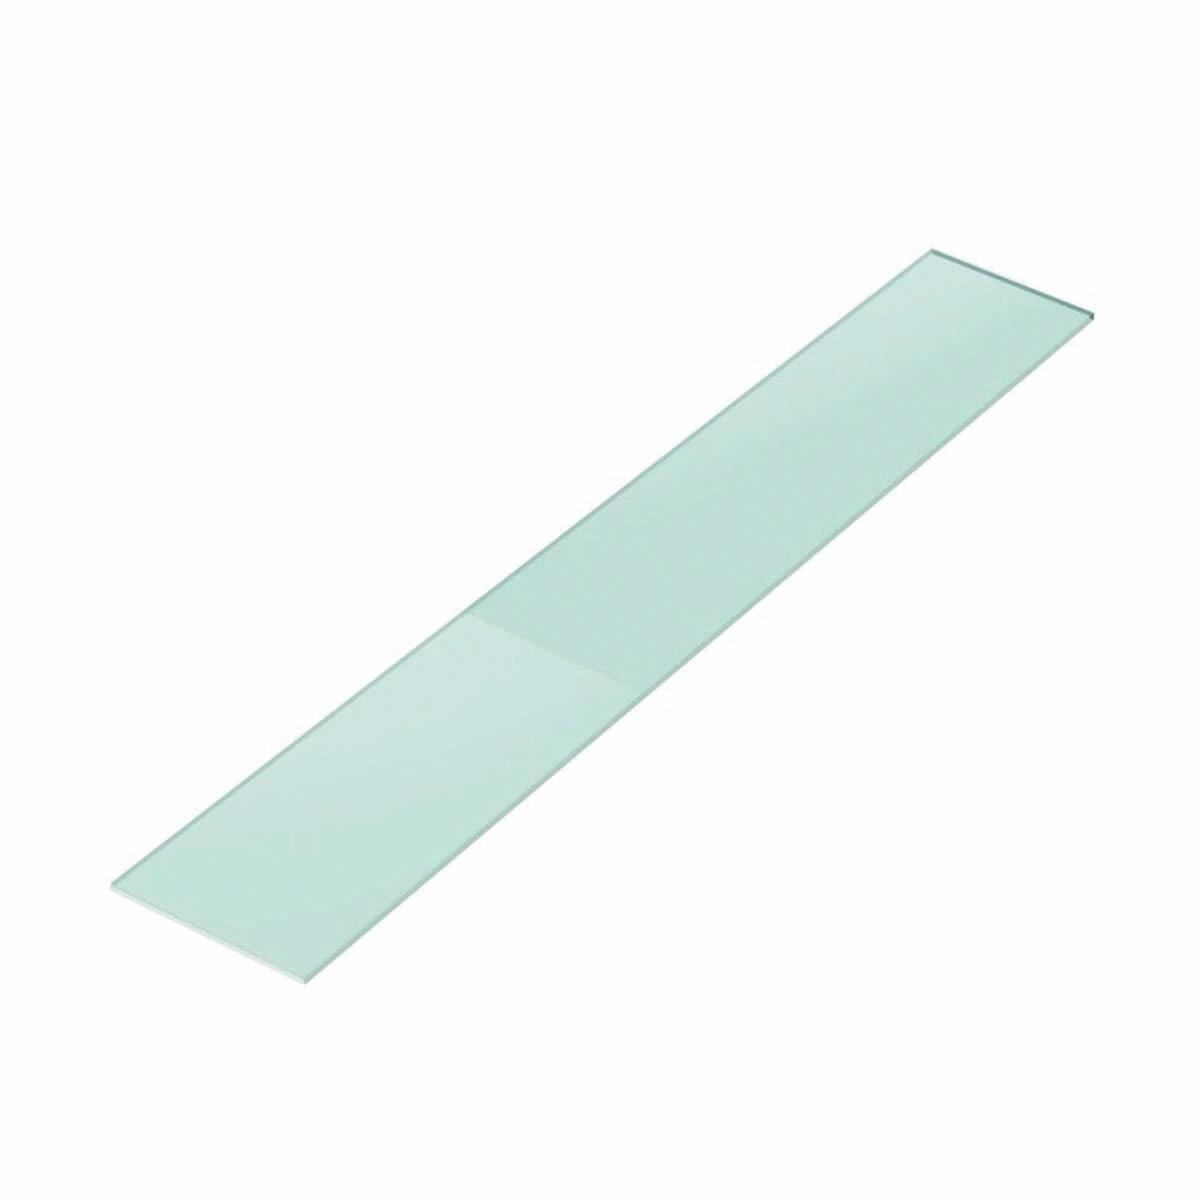 Vetro ripiano trasparente L 30 x H 160 cm, Sp 10 mm